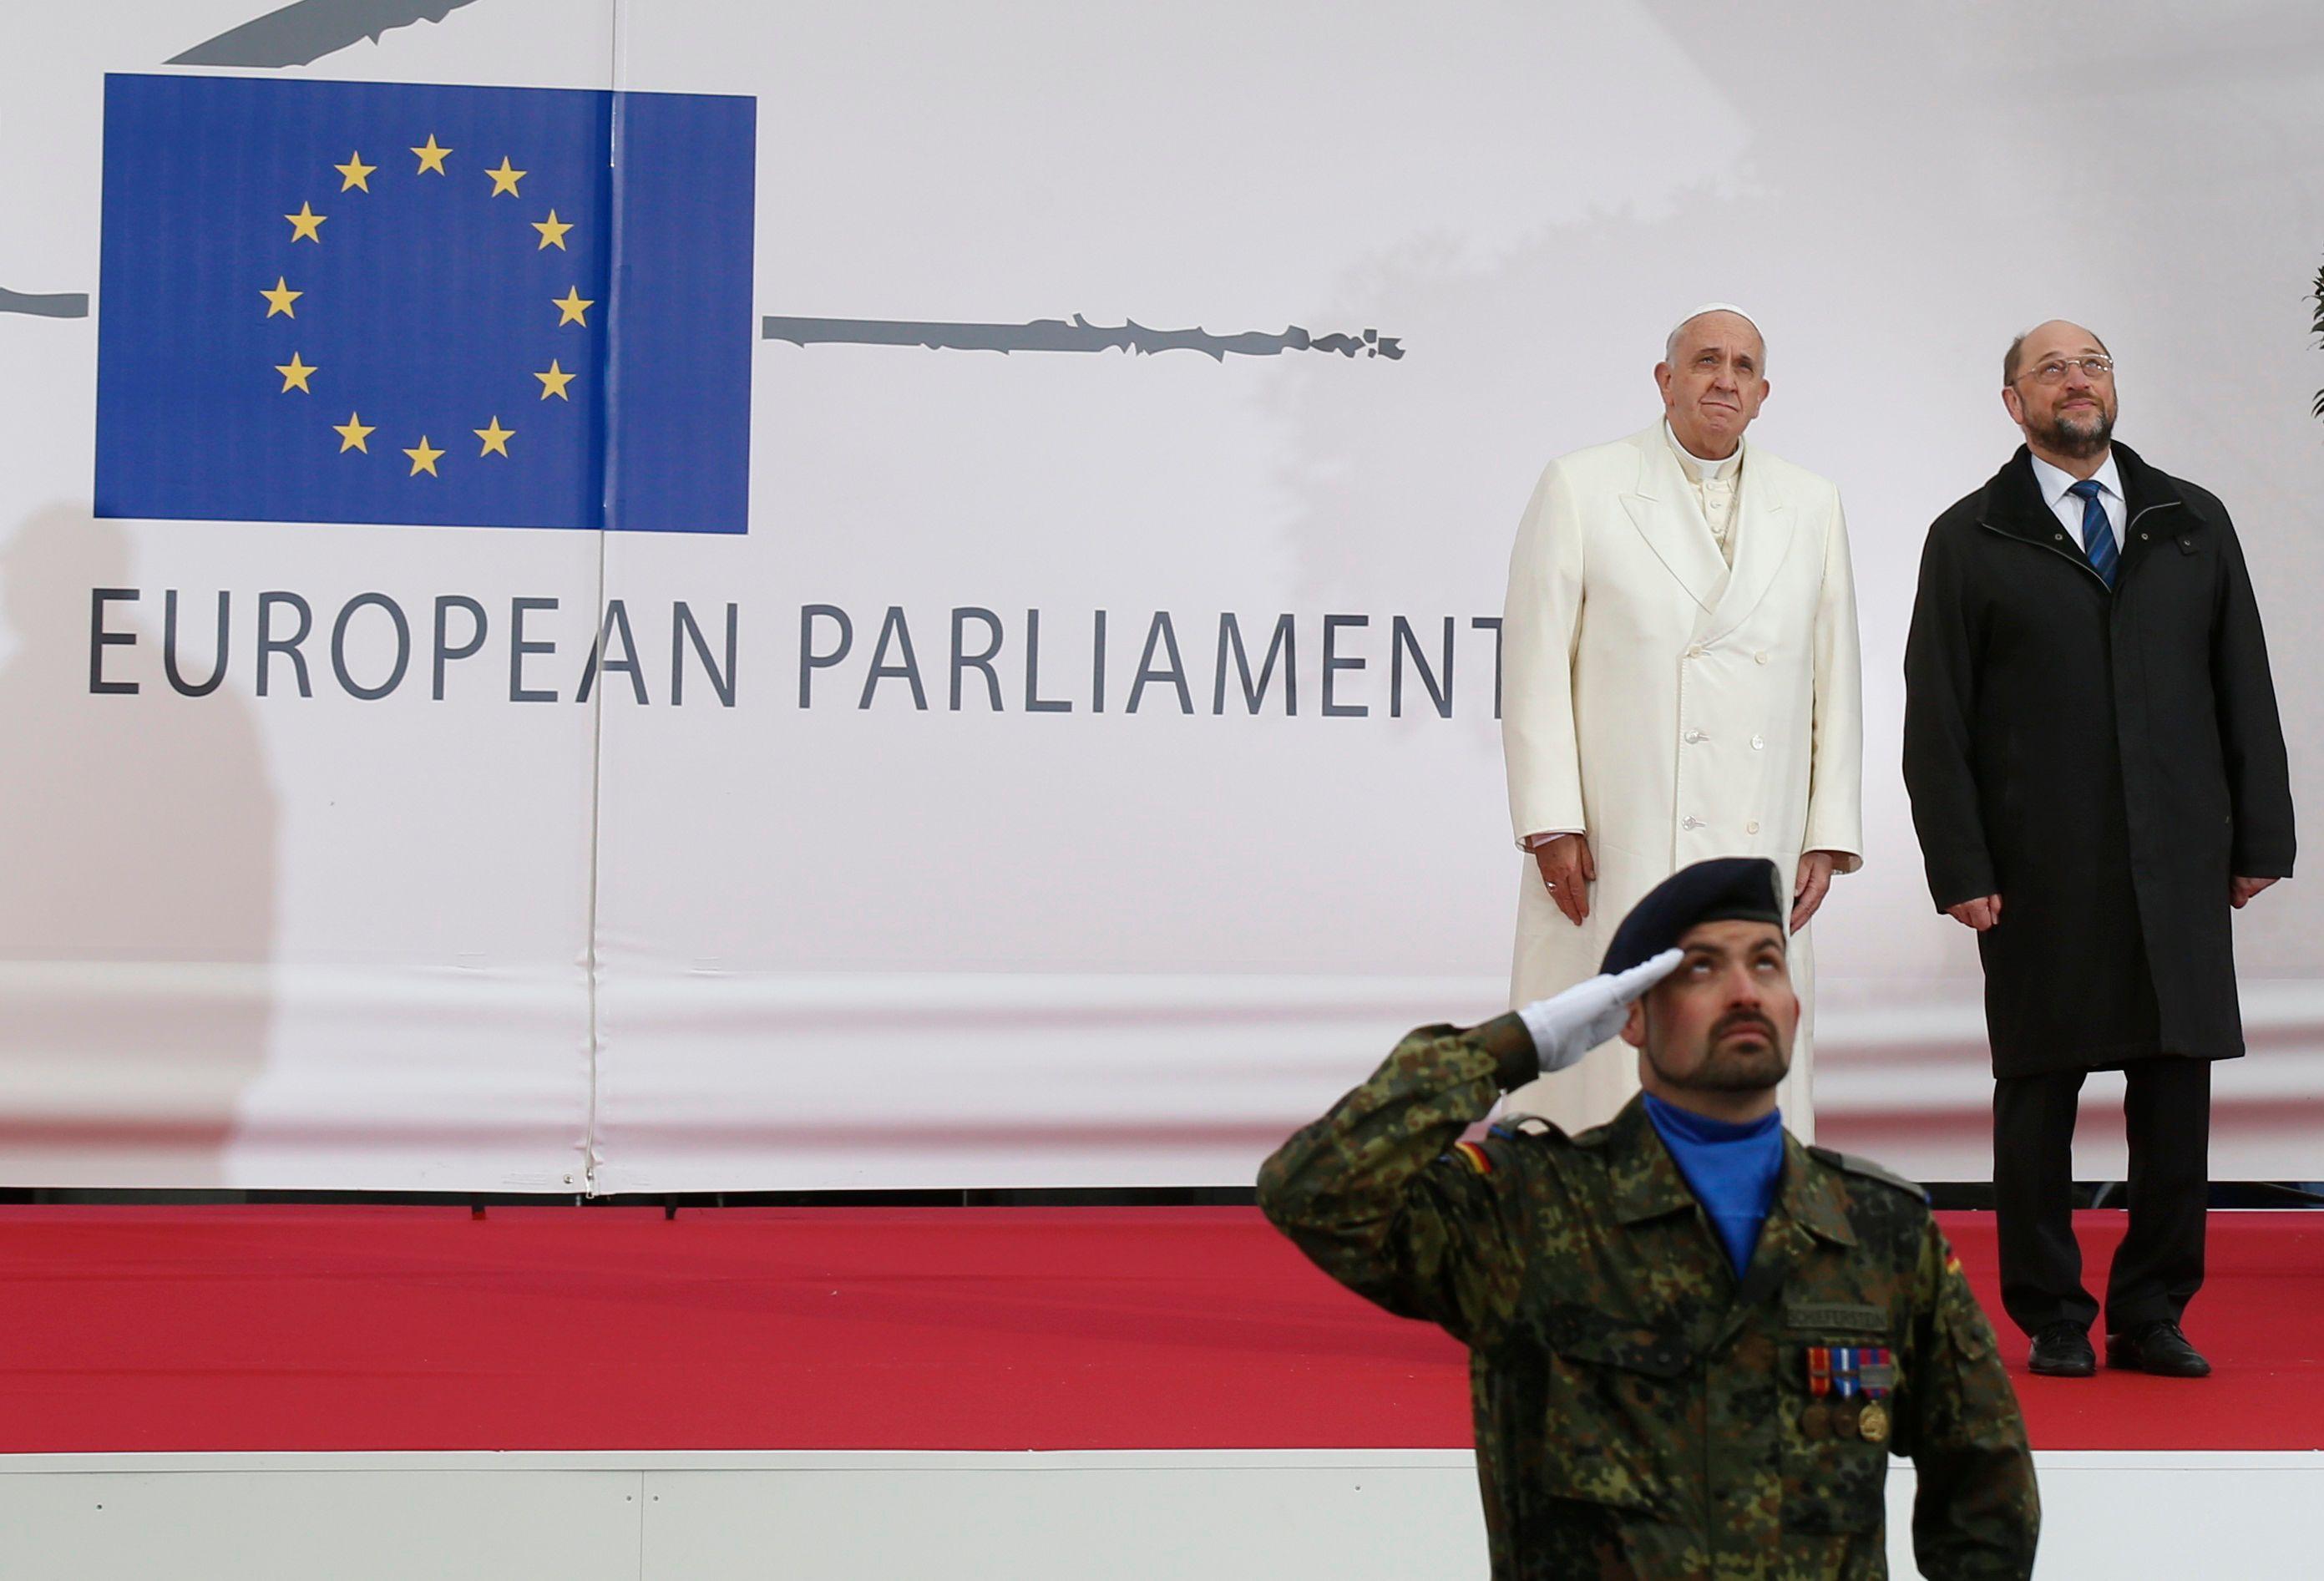 Le Pape François s'est adressé mardi 25 novembre aux membres du Parlement européen.